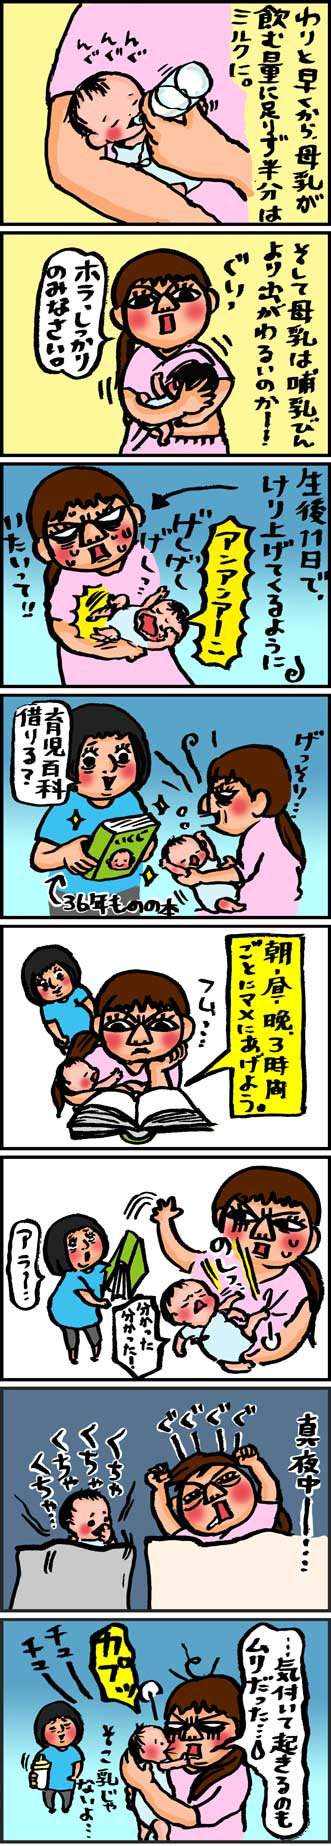 母乳育児失敗の予感